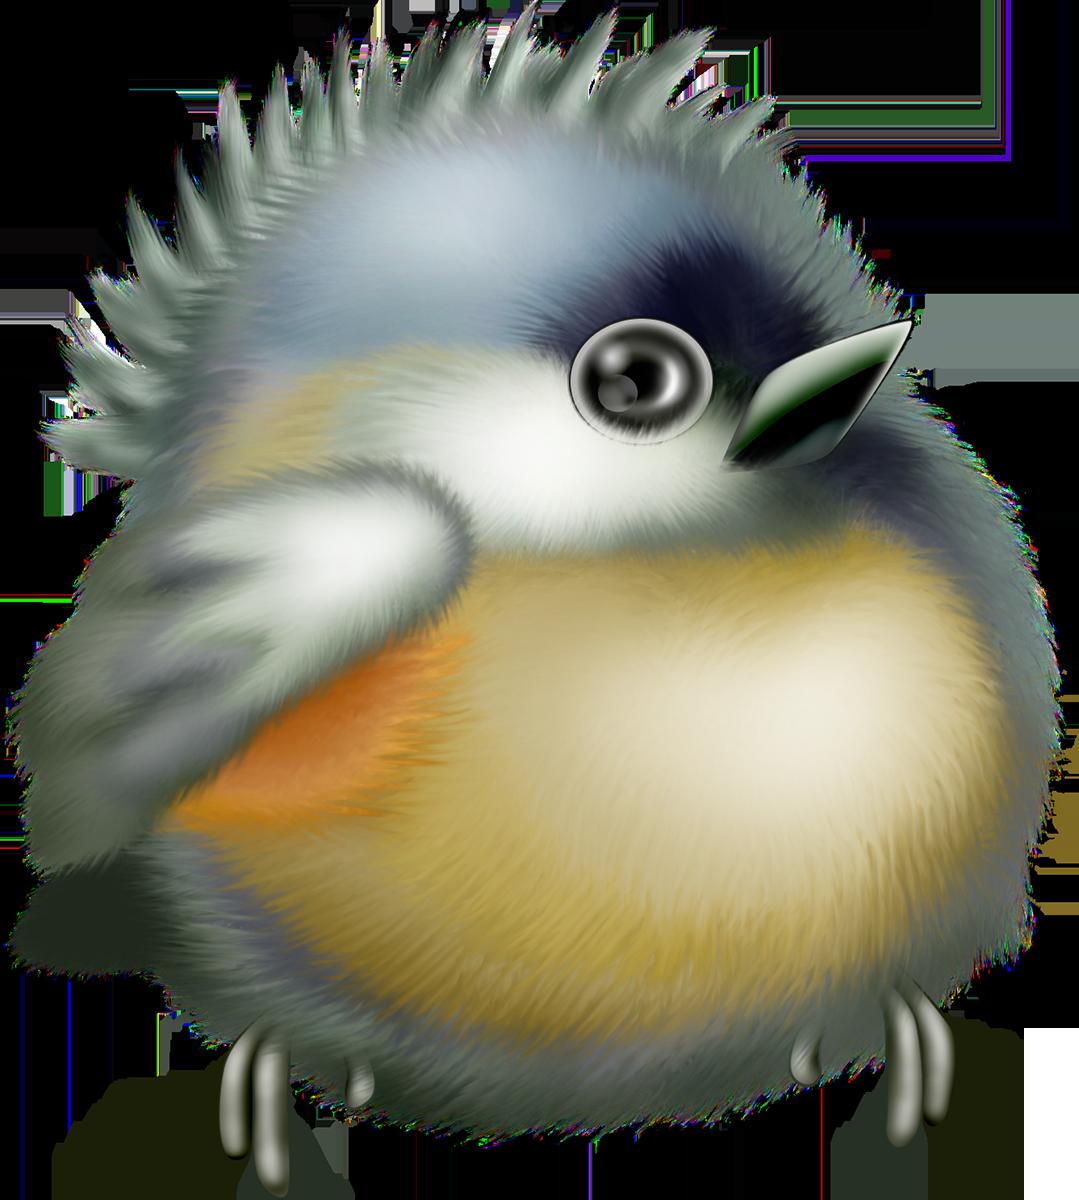 Картинка для детей птенец на прозрачном фоне